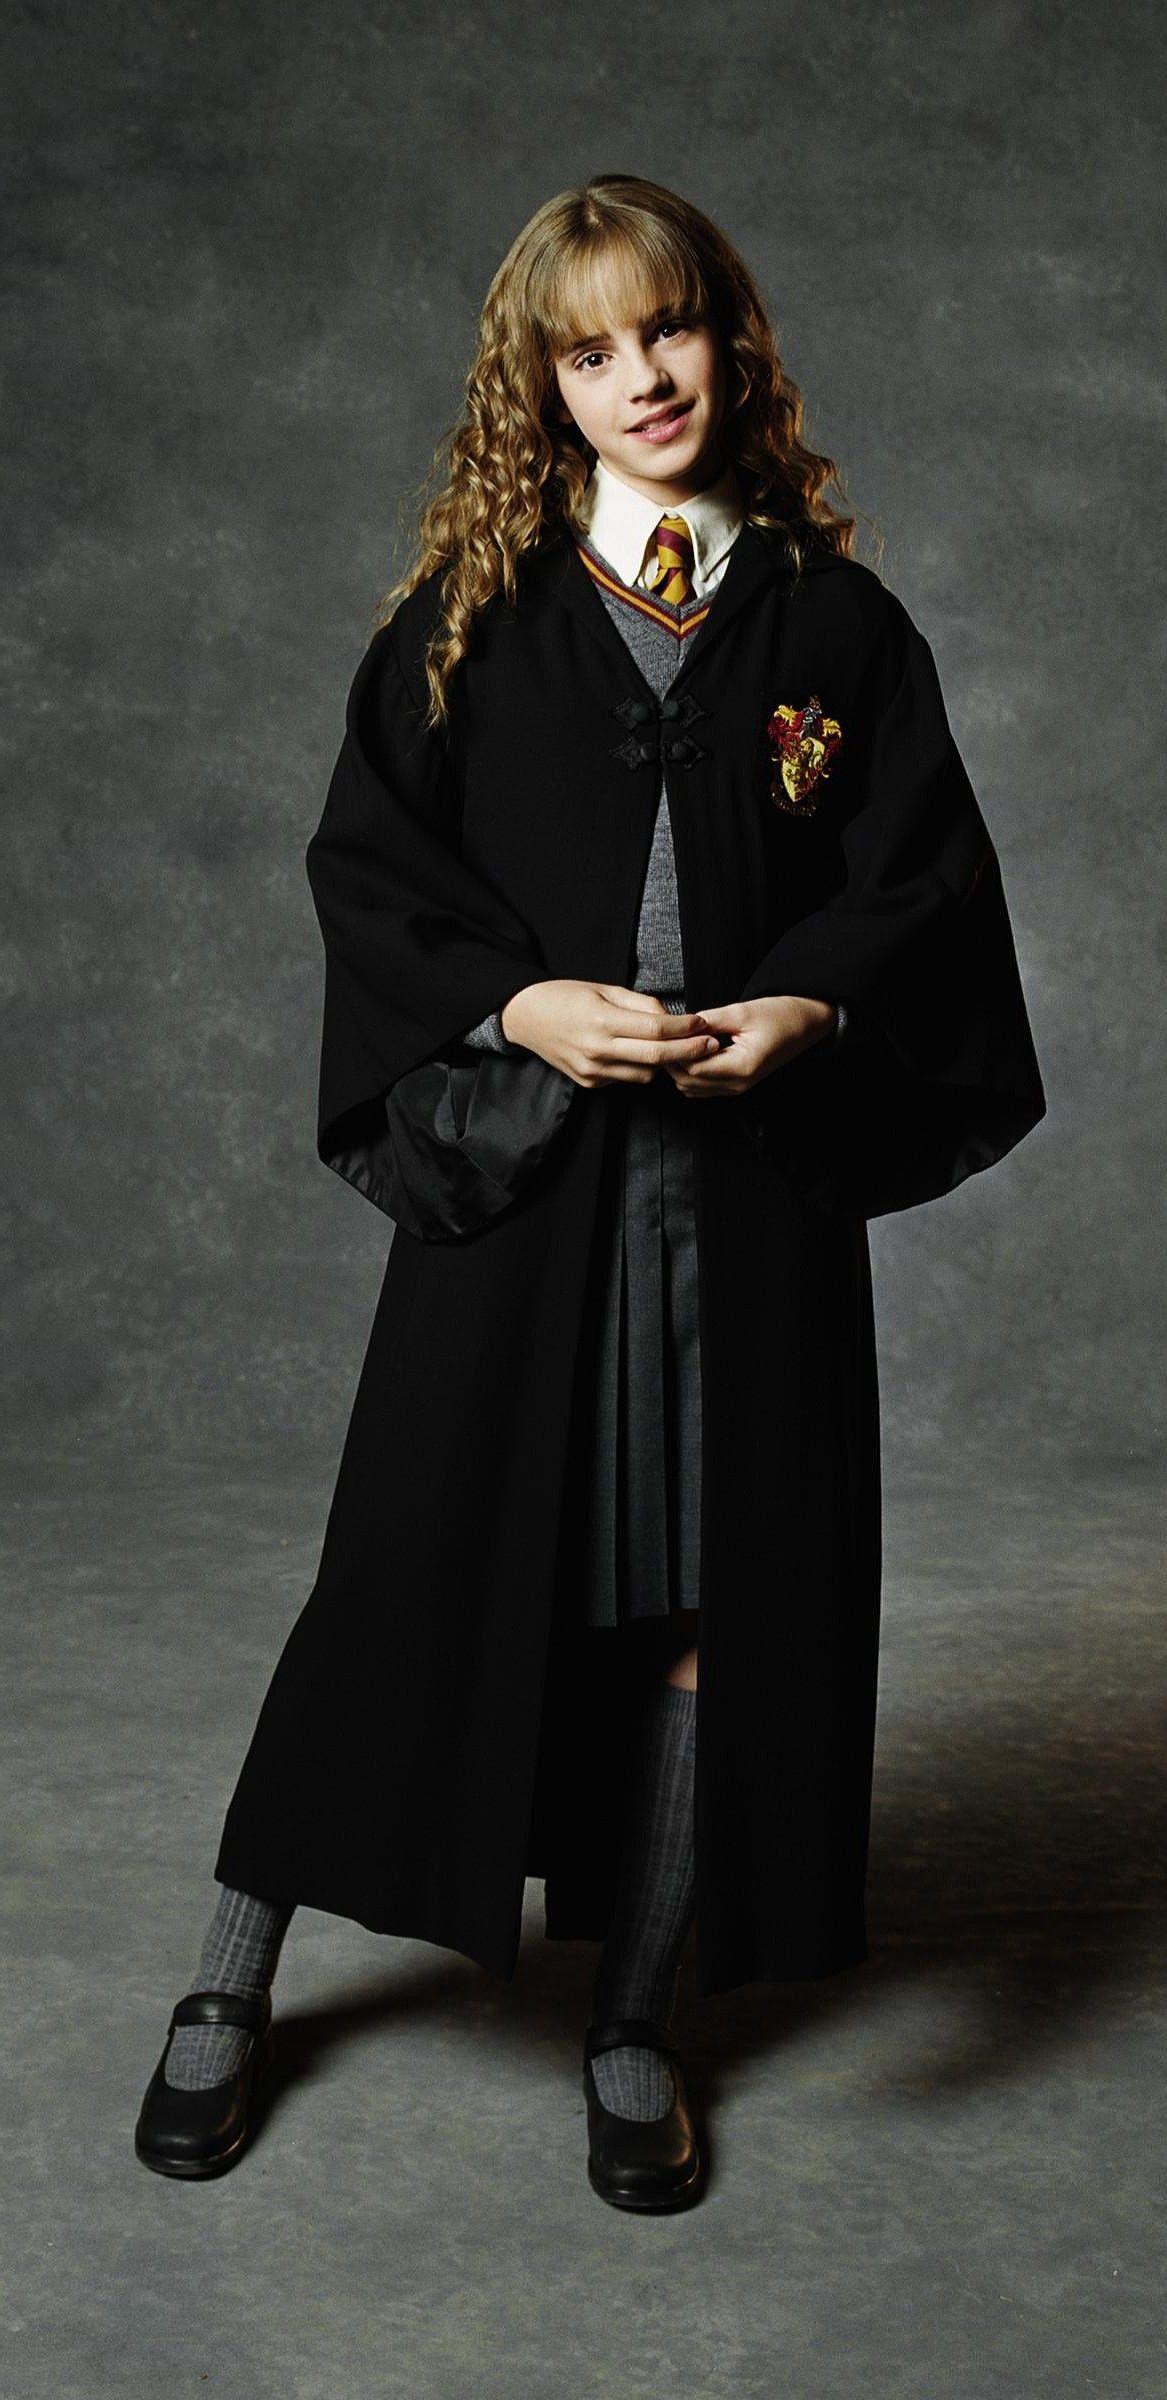 Hermine Granger Hermine Granger Hermine Harry Potter Bilder